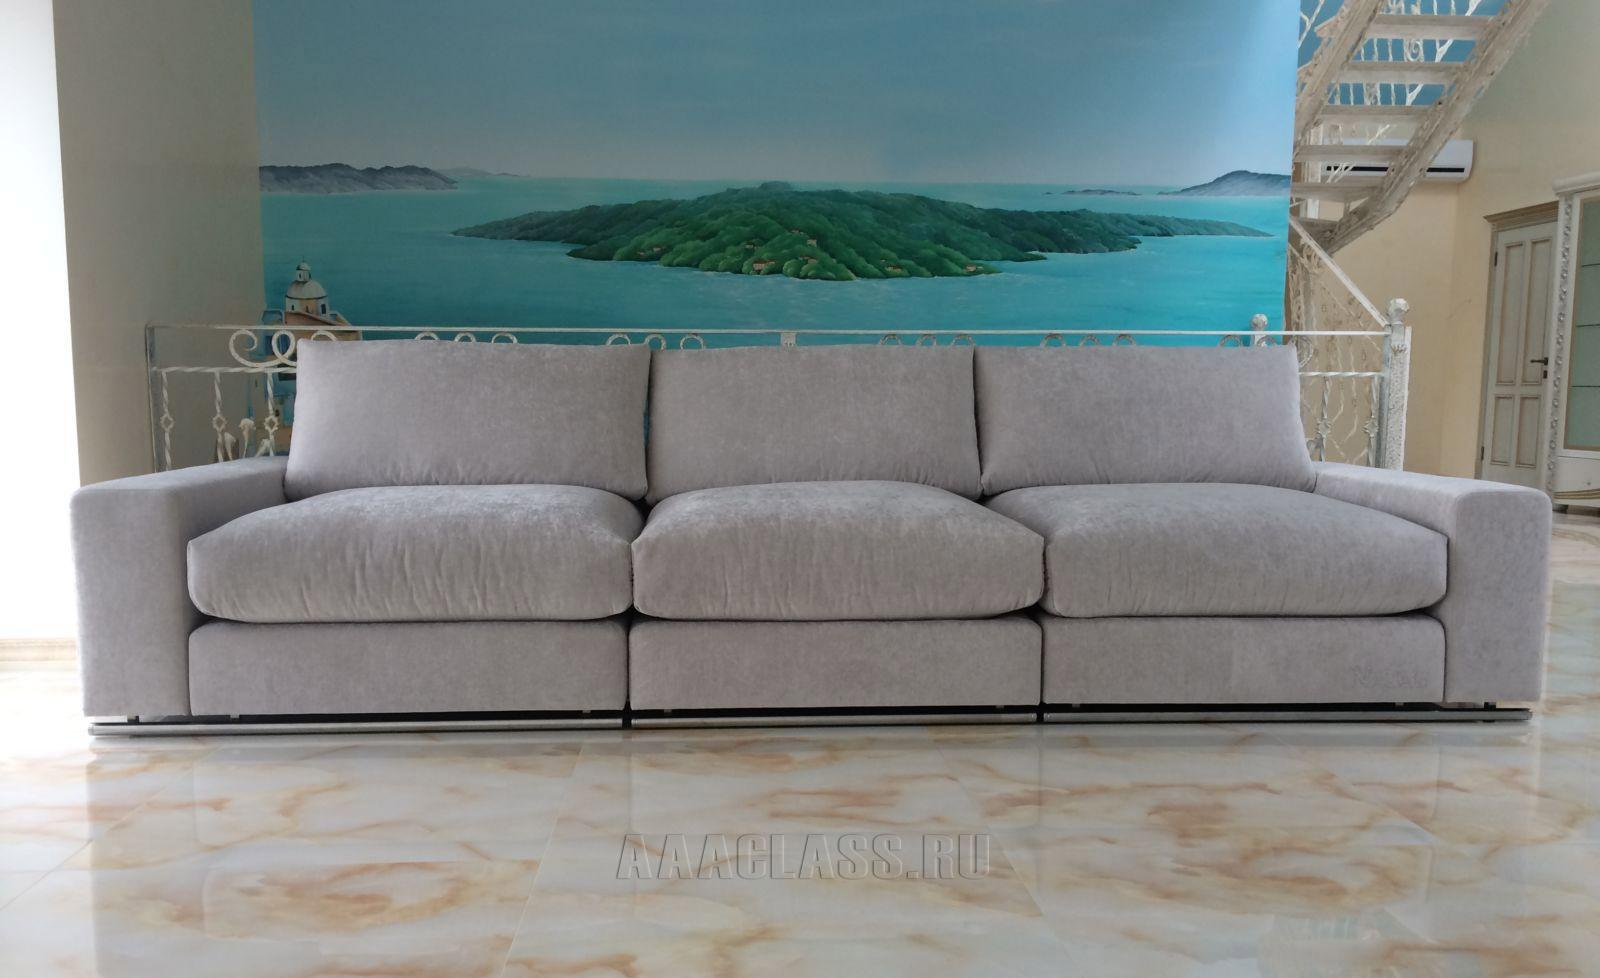 прямой дизайнерский диван российского производства: модель бали